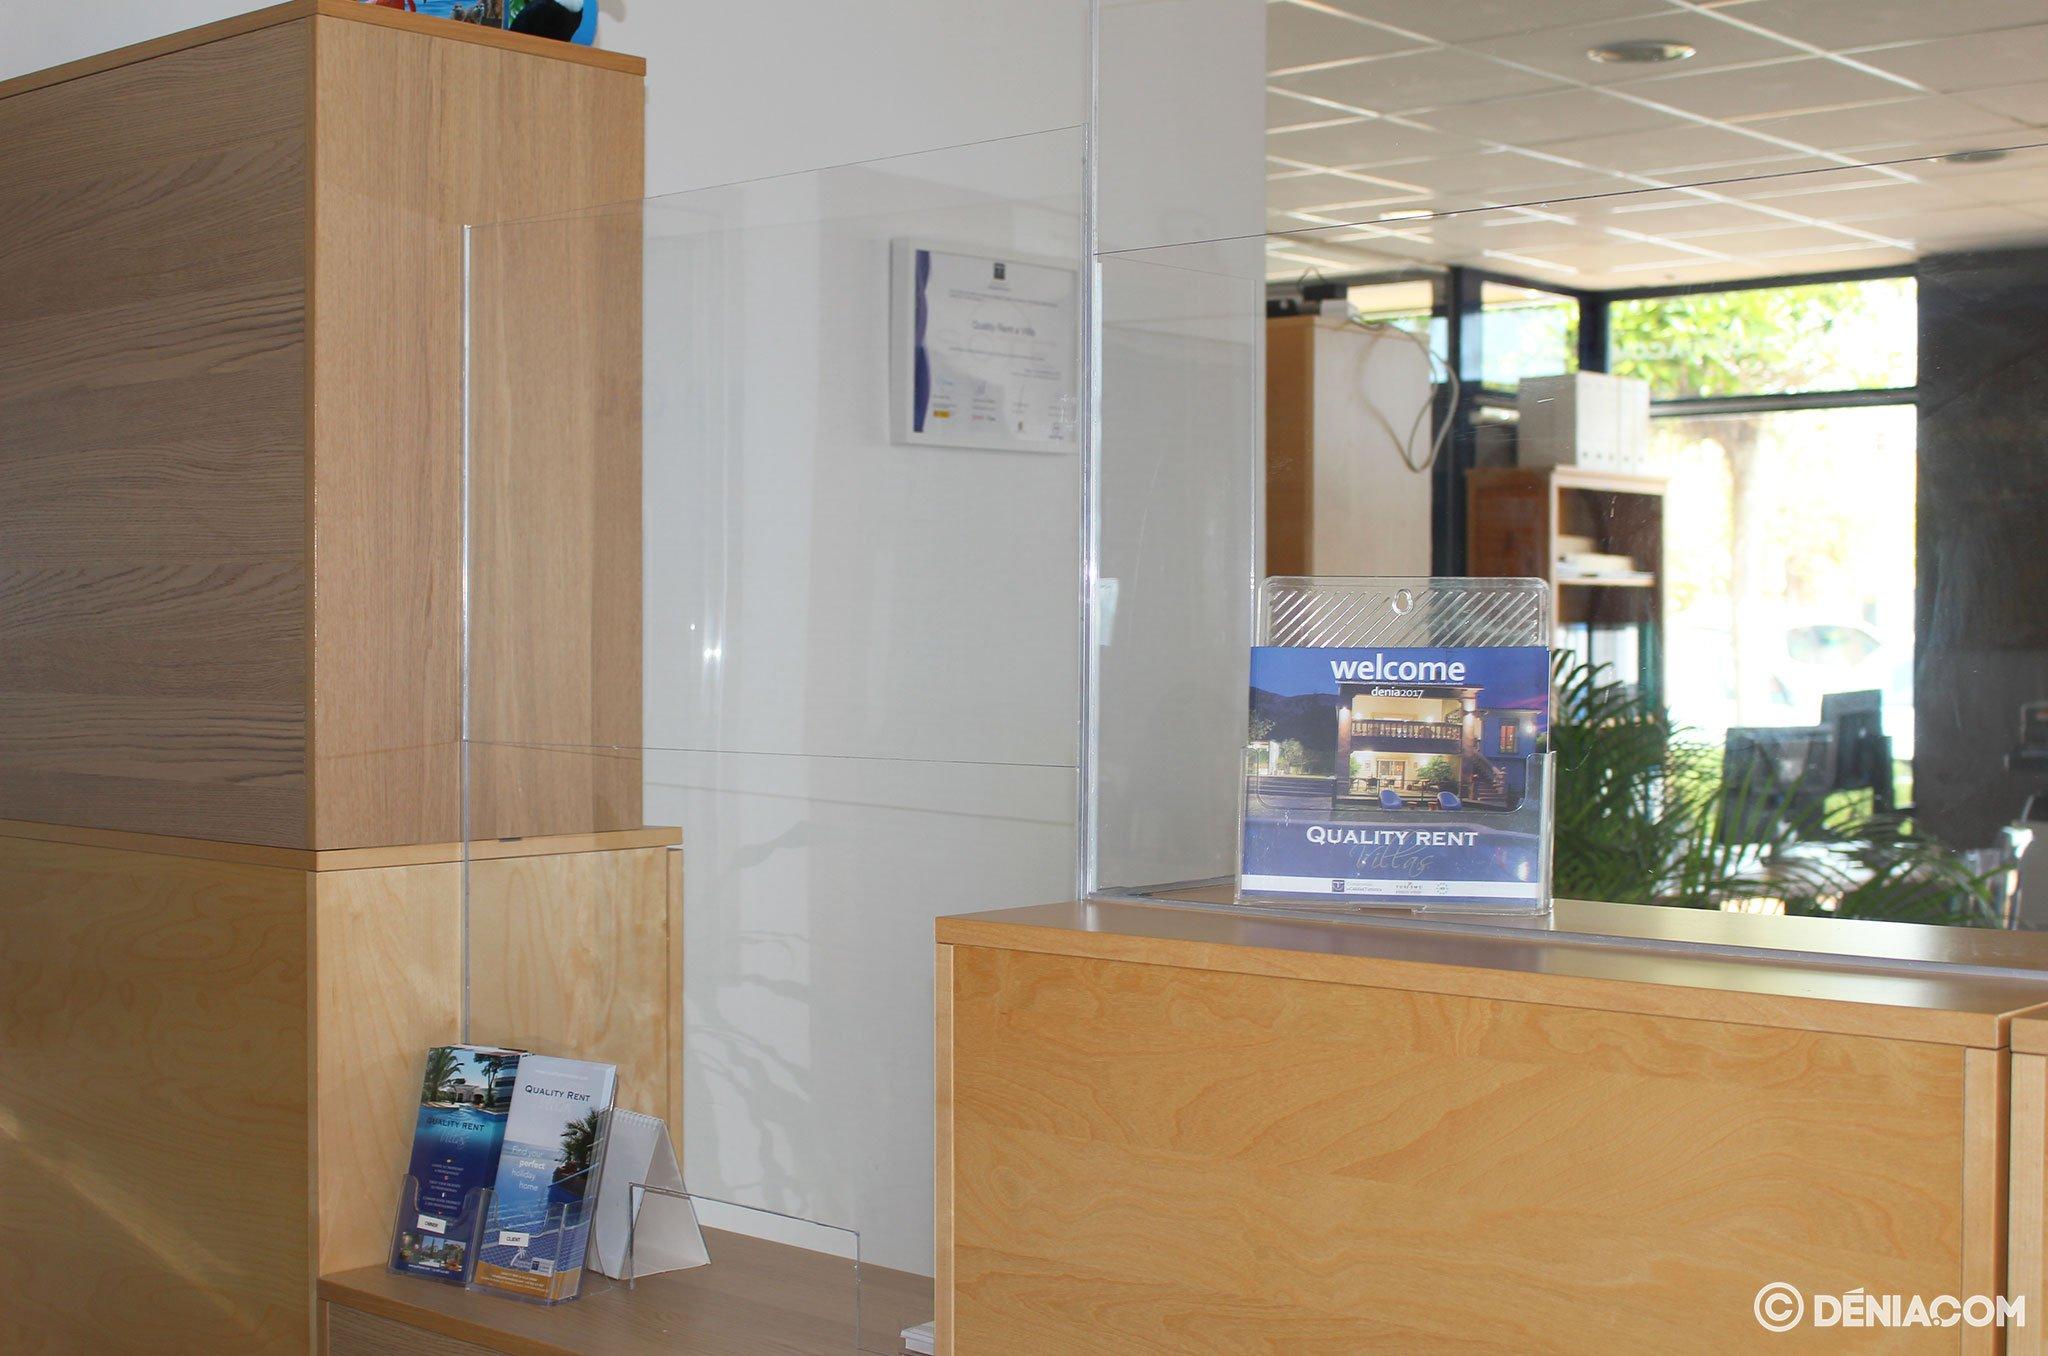 Mampara protectora en la oficina de Quality Rent a Villa